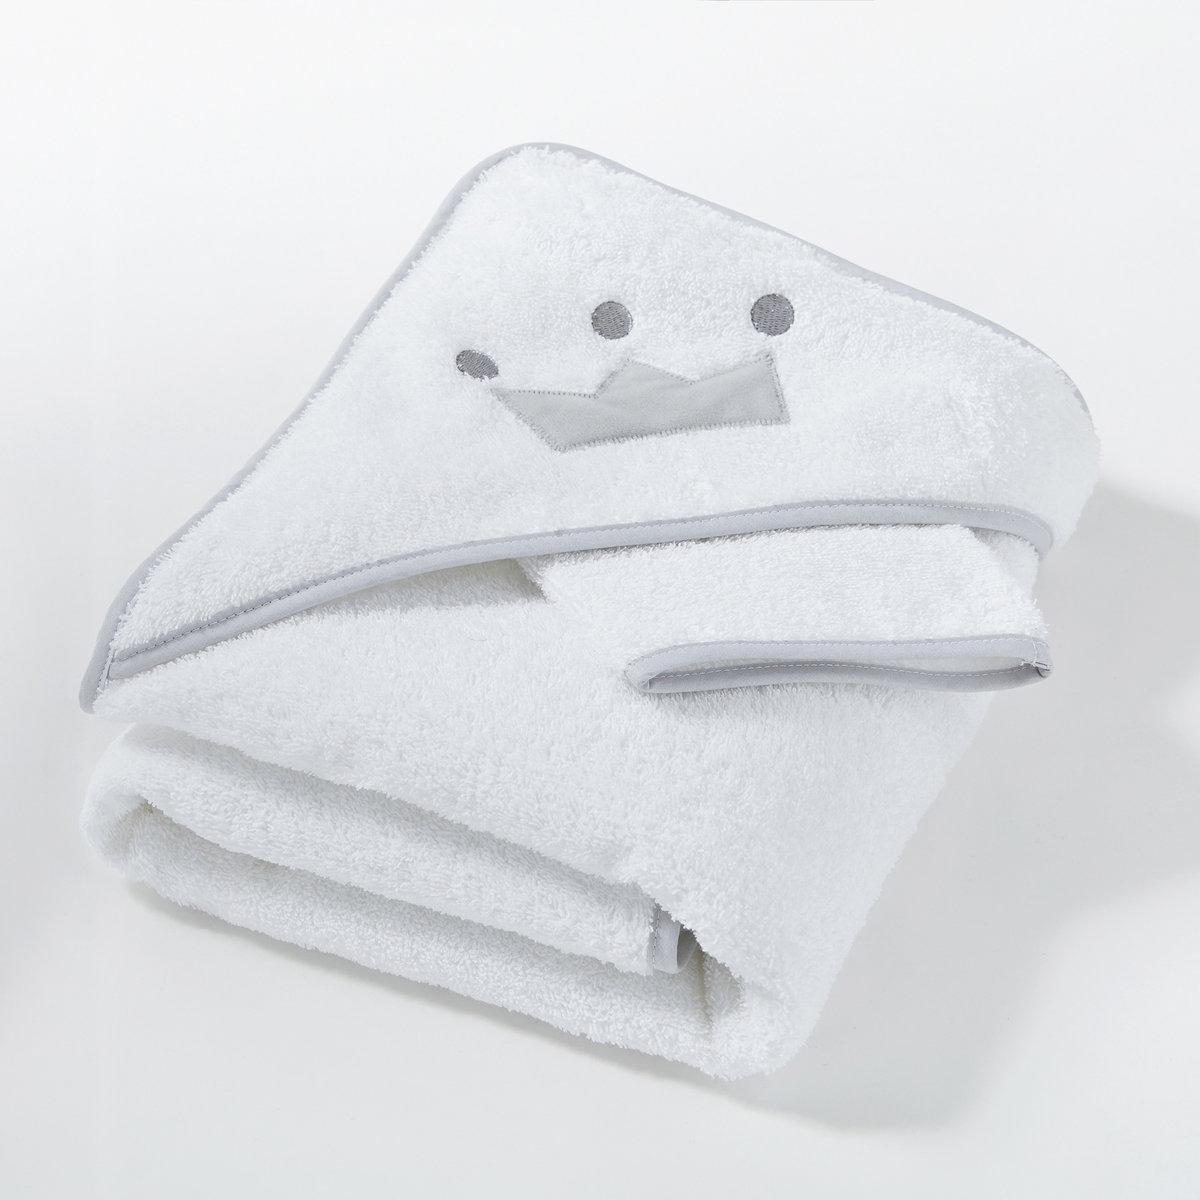 Банная накидка и рукавичка AU LIT MON PETIT DOUDOUОписание банной накидки и рукавички Au lit mon petit doudou: Банная накидка и рукавичка: отделка контрастной бейкой.Машинная стирка при 60°.2 размера на выбор: 70x70 или 100x100 см.Характеристика накидки и рукавички: Махровая ткань из 100% хлопка, 420 г/м?.Весь комплект банного текстиля для малышей вы можете найти на laredoute.ru.<br><br>Цвет: белый/ серый<br>Размер: 100 x 100 см